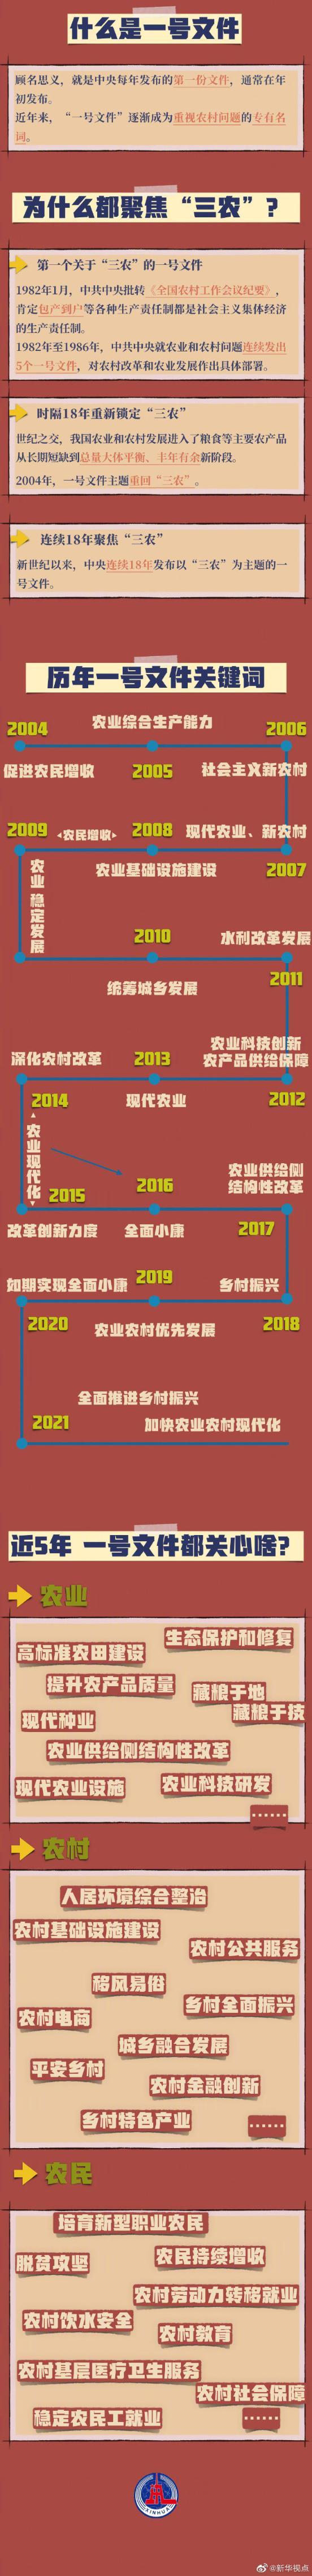 2021年,中央一号文件发布。一号文件过去几年的要点已经给你们画出来了